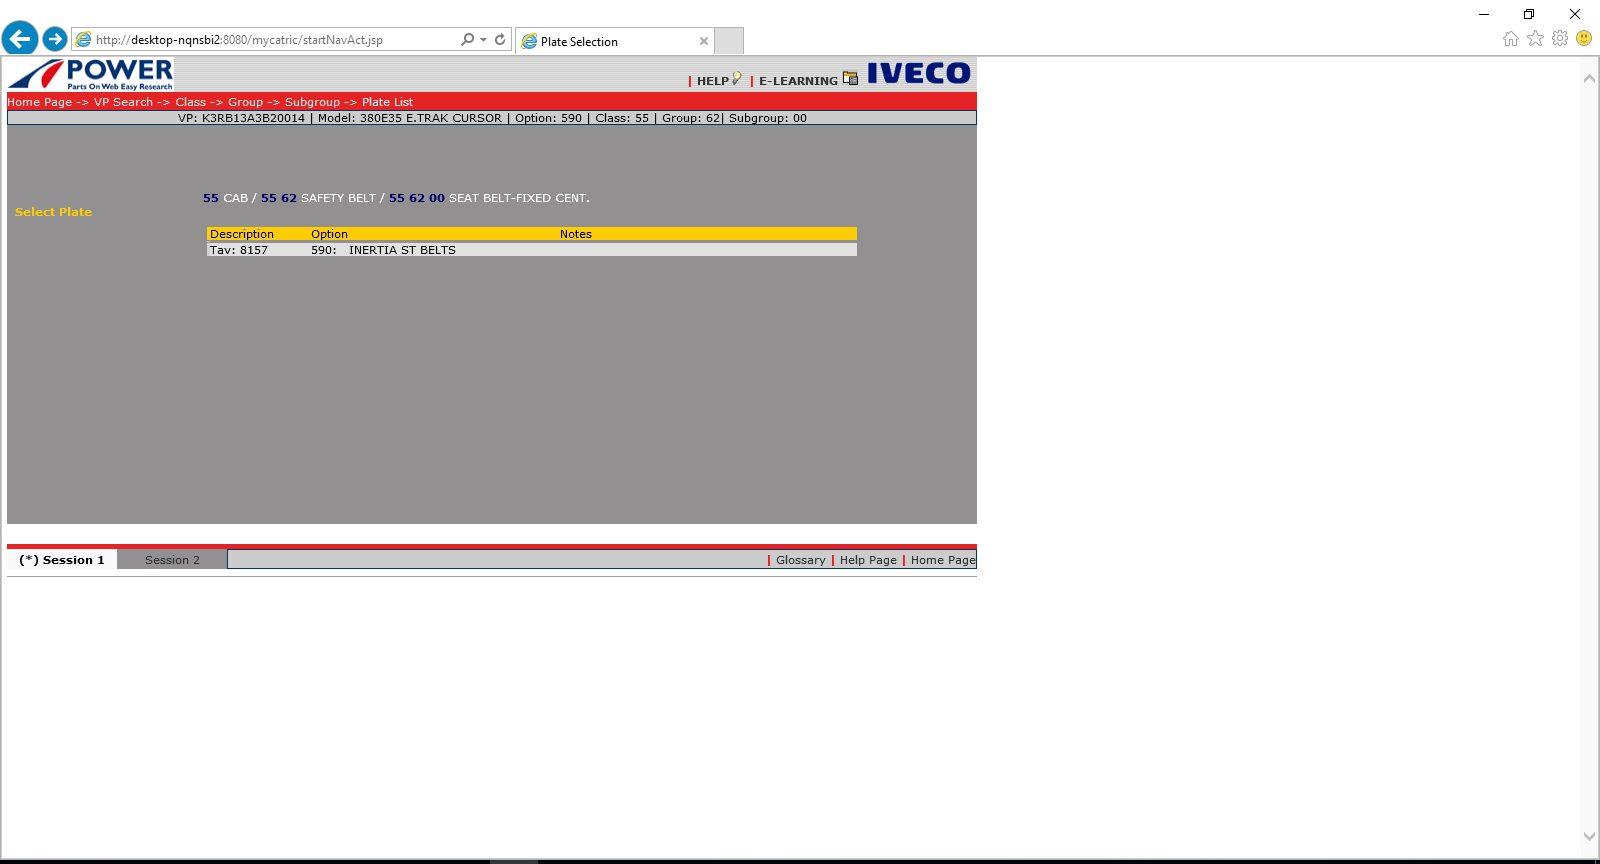 Iveco_Power_Trucks_Buses_Q1_012020_Full_Instruction_1